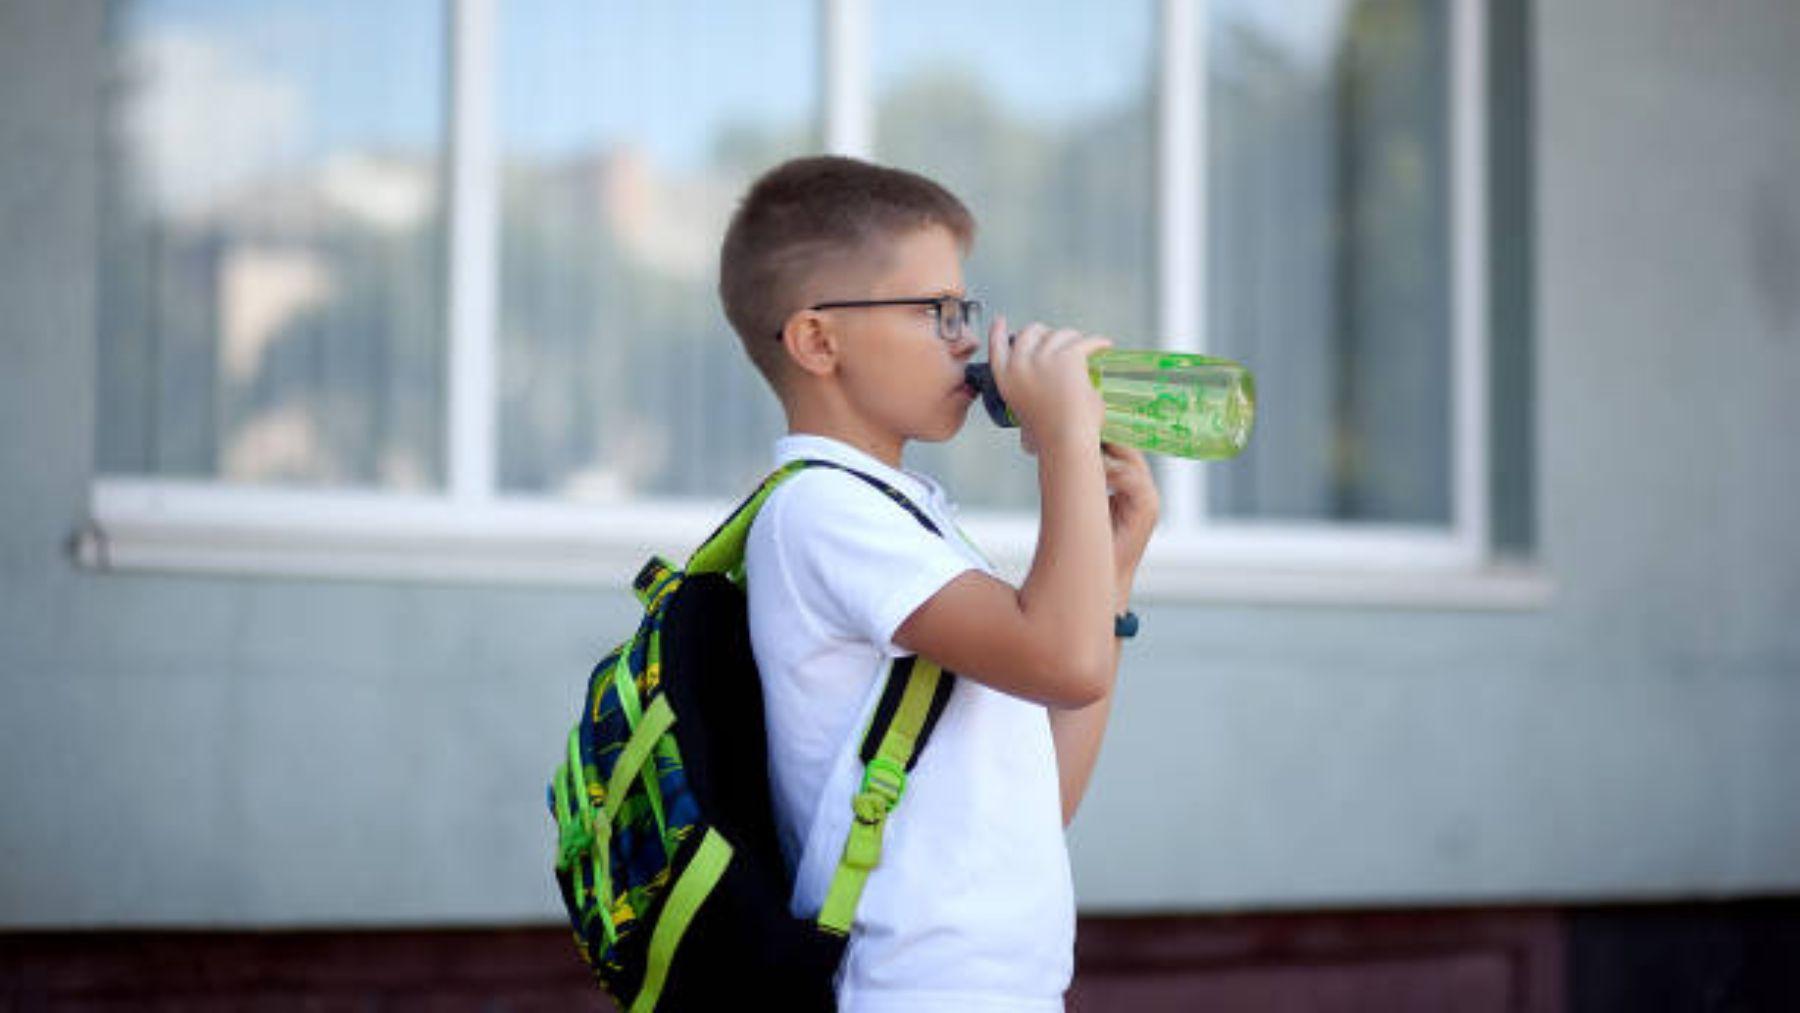 Zara lanza botella para que los niños beban agua cuando están en la escuela